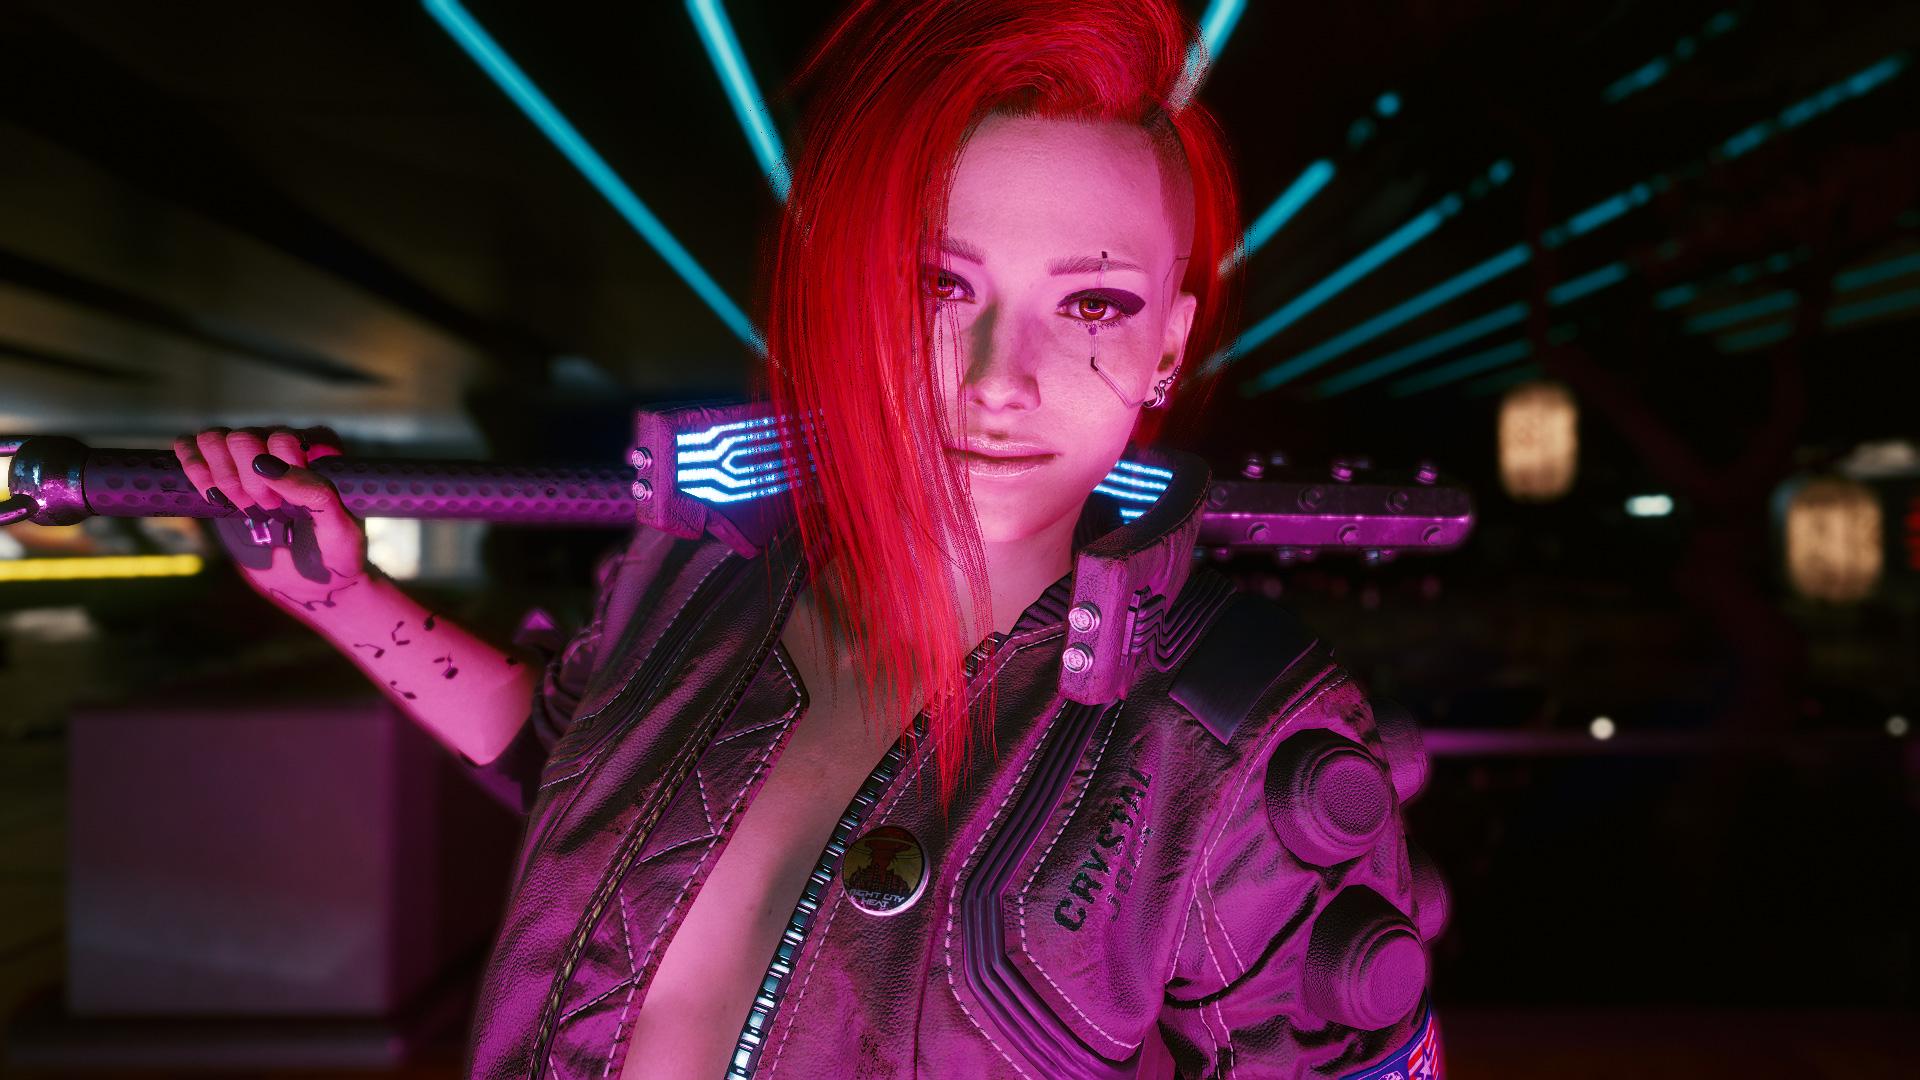 Cyberpunk8